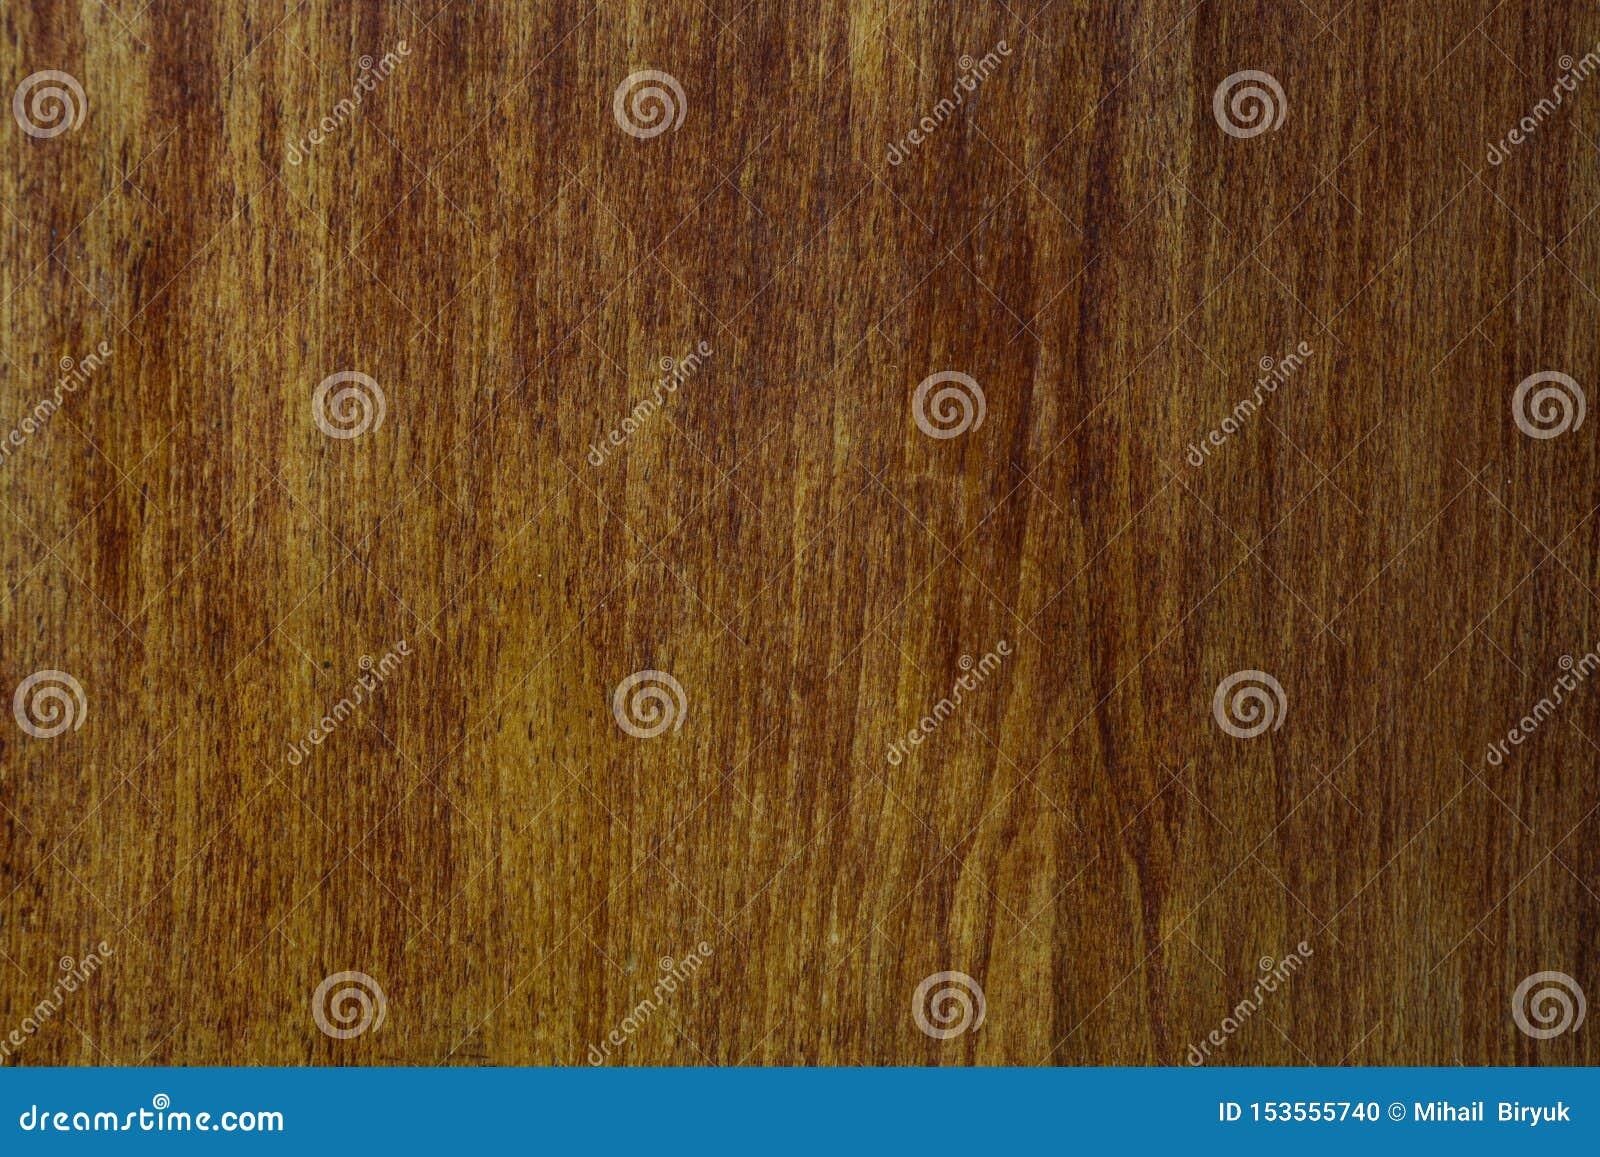 Поверхность деревянной текстуры предпосылки коричневой деревянной пустая горизонтальная место для дизайна